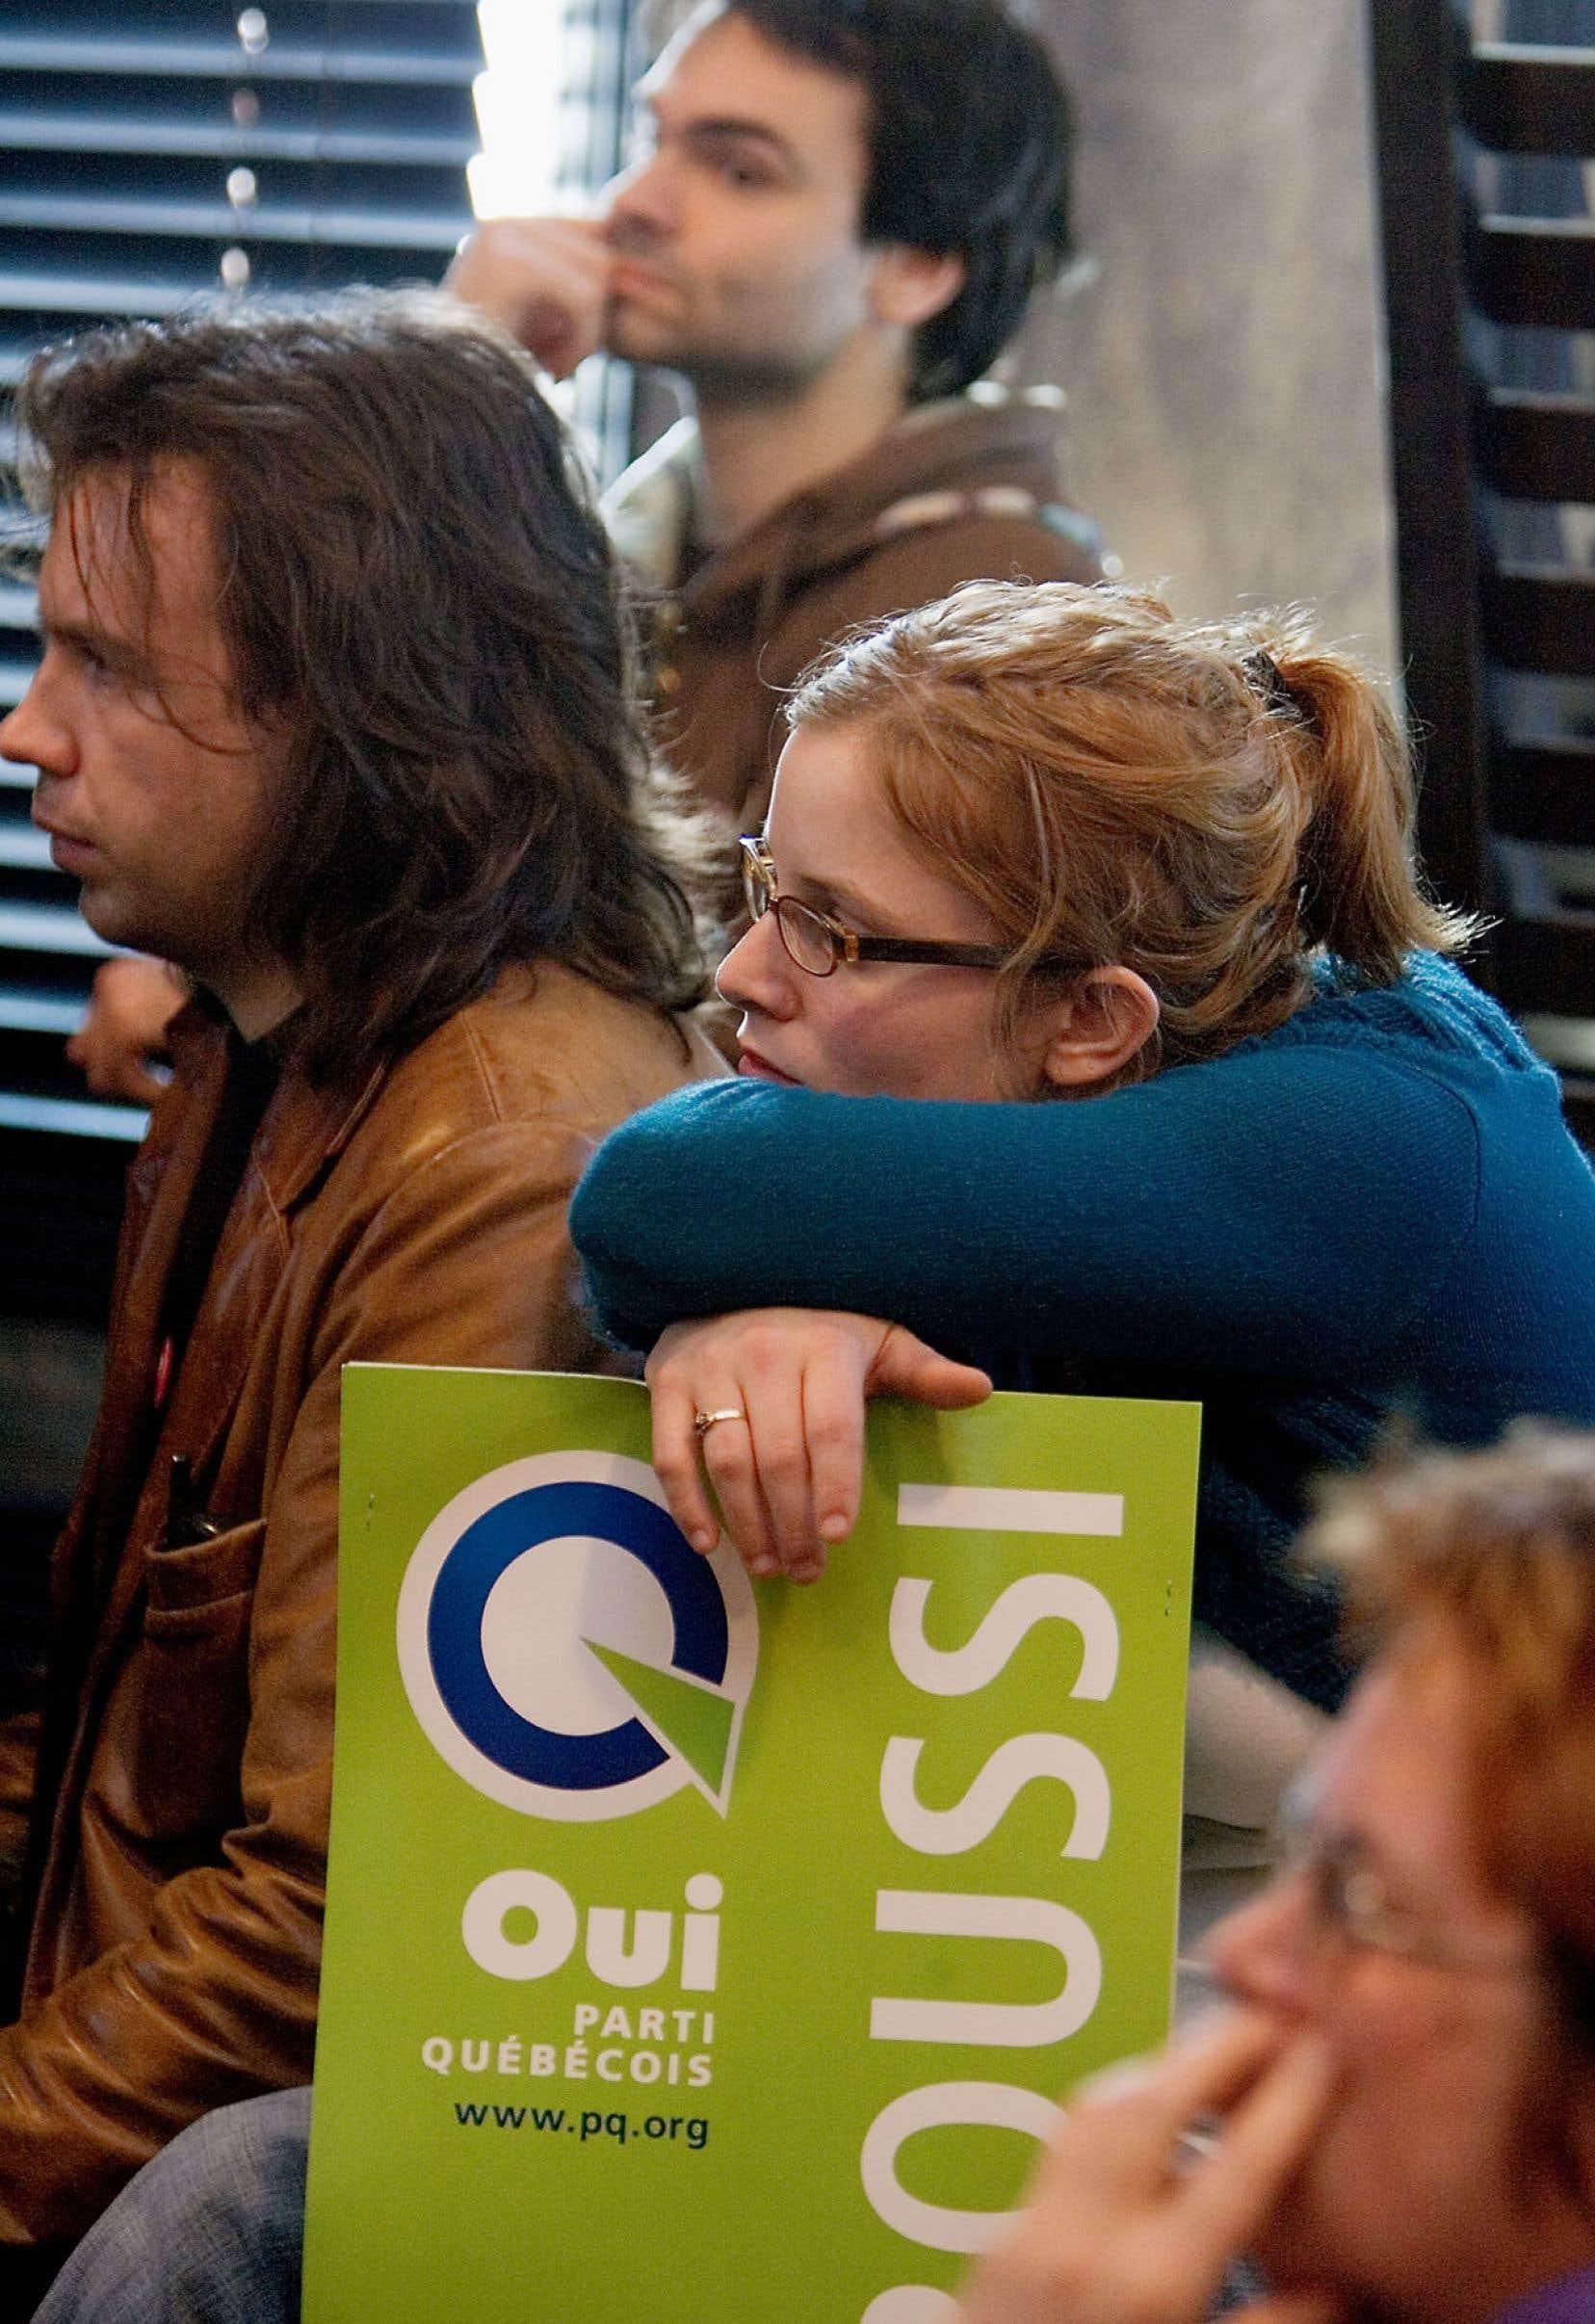 Le 26 mars 2007, le Parti québécois connaît une défaite historique en devenant le troisième parti d'opposition à l'Assemblée nationale.